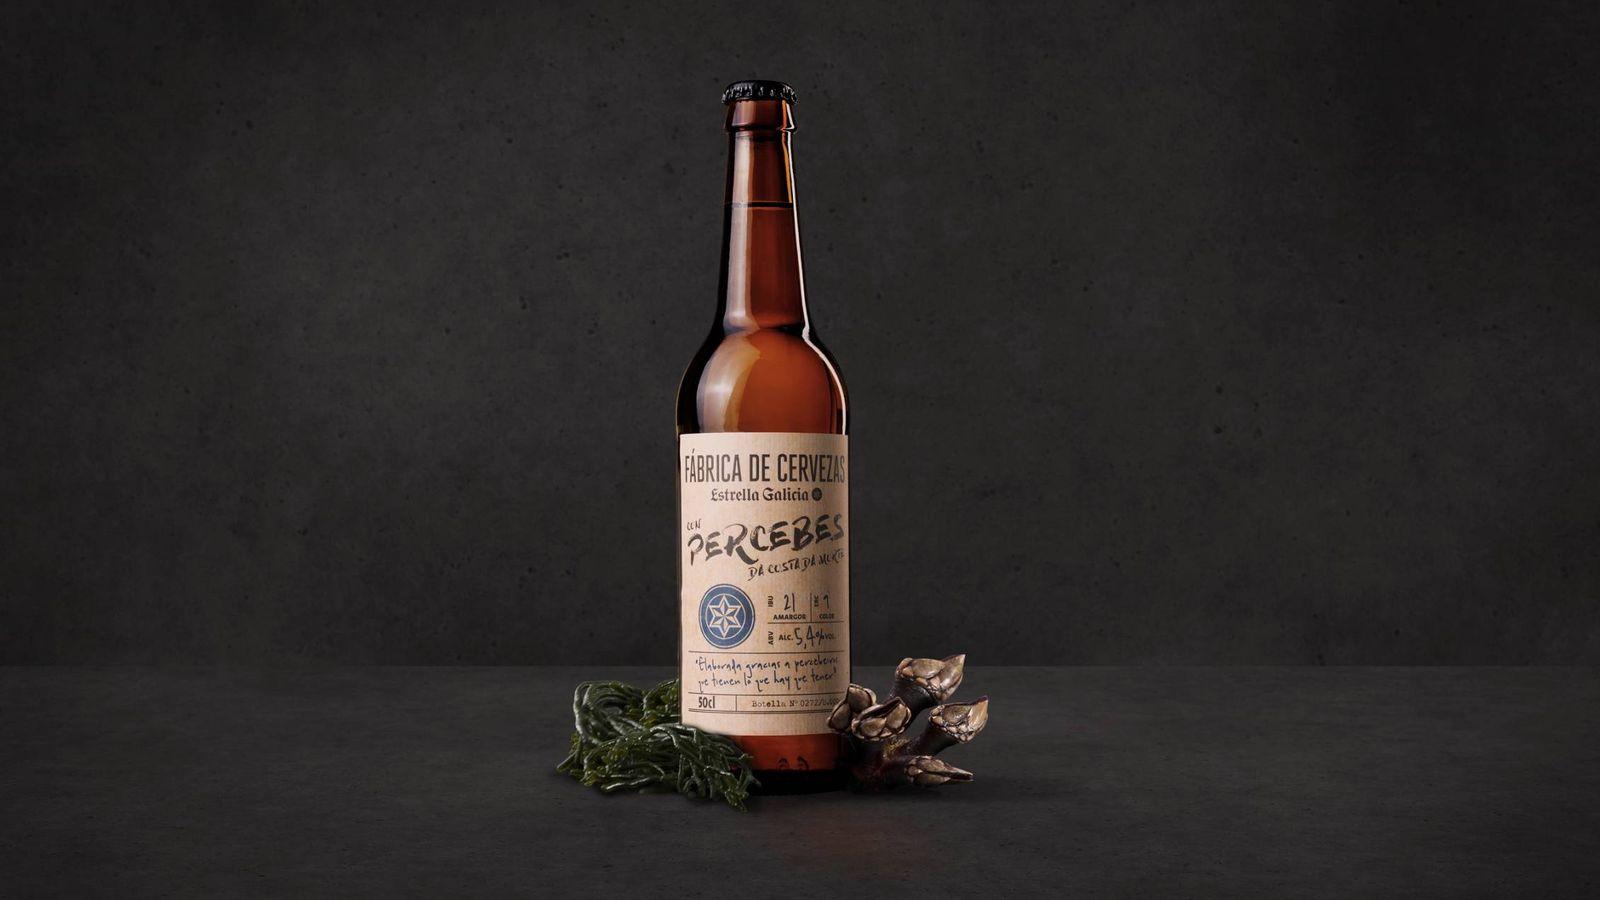 Foto: Cerveza con sabor a percebes.